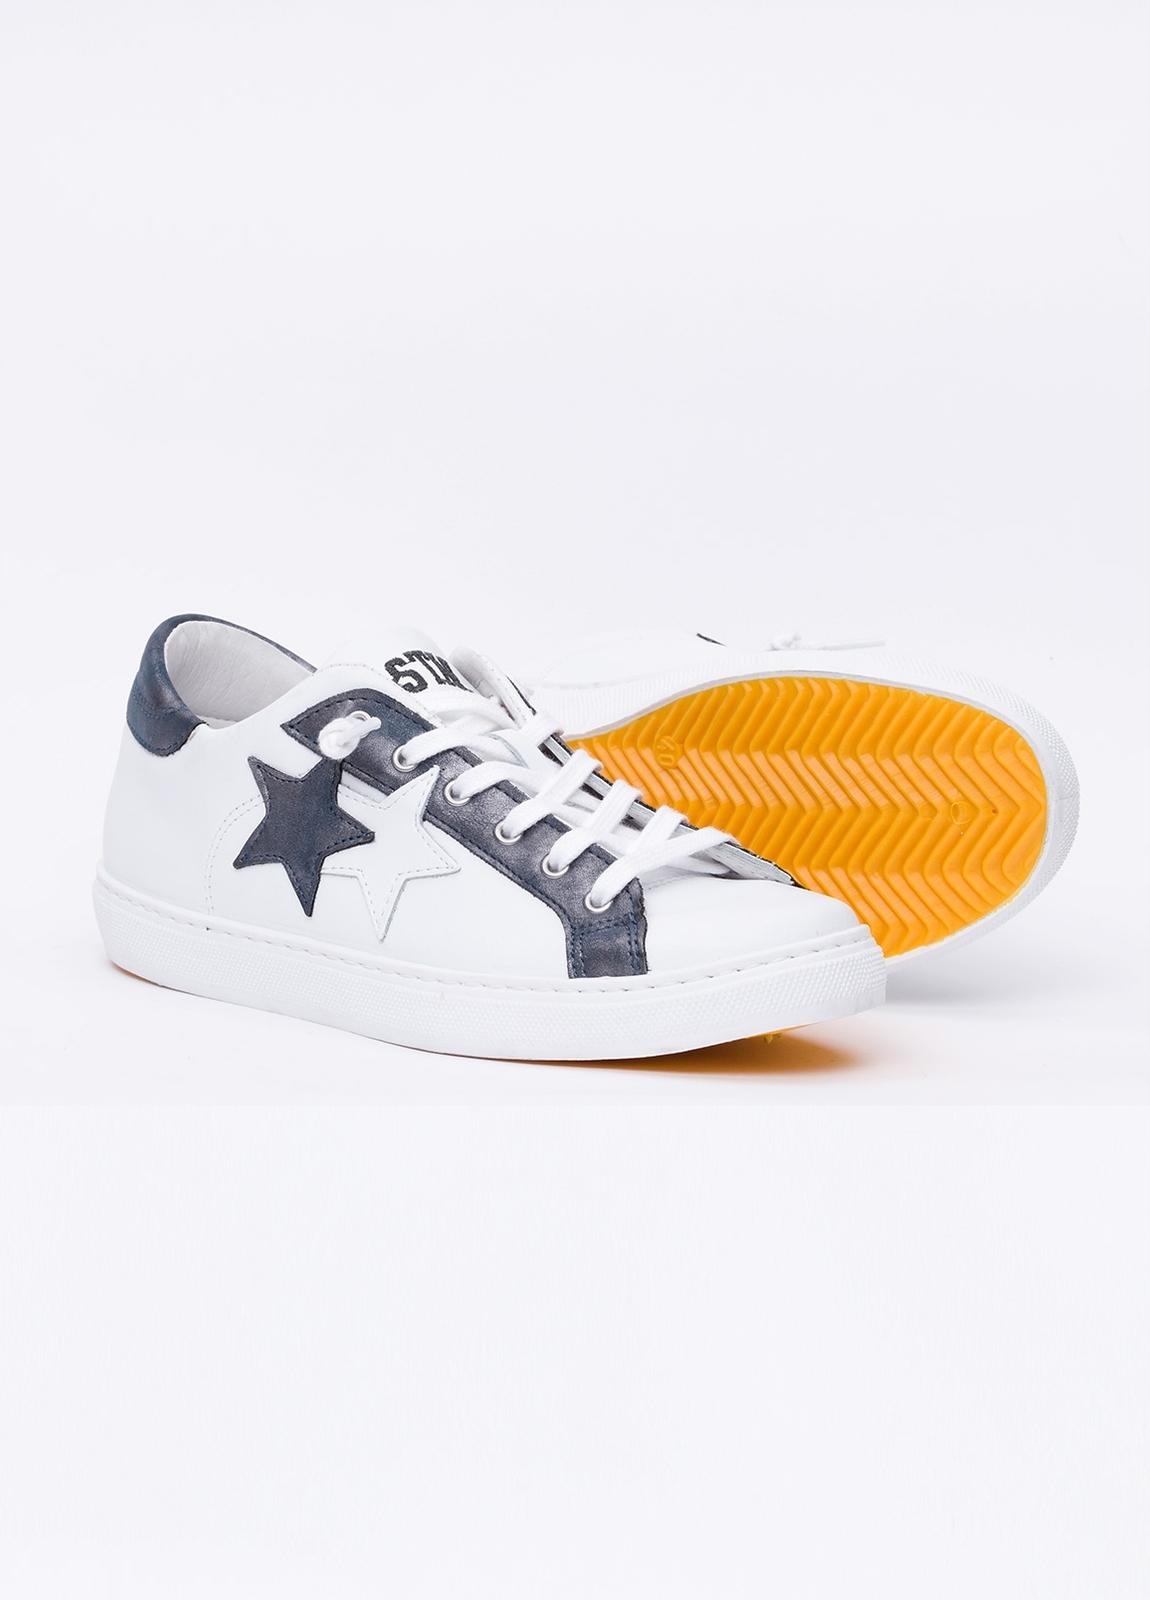 Calzado sport color blanco con detalles azul marino. 100% Piel. - Ítem4